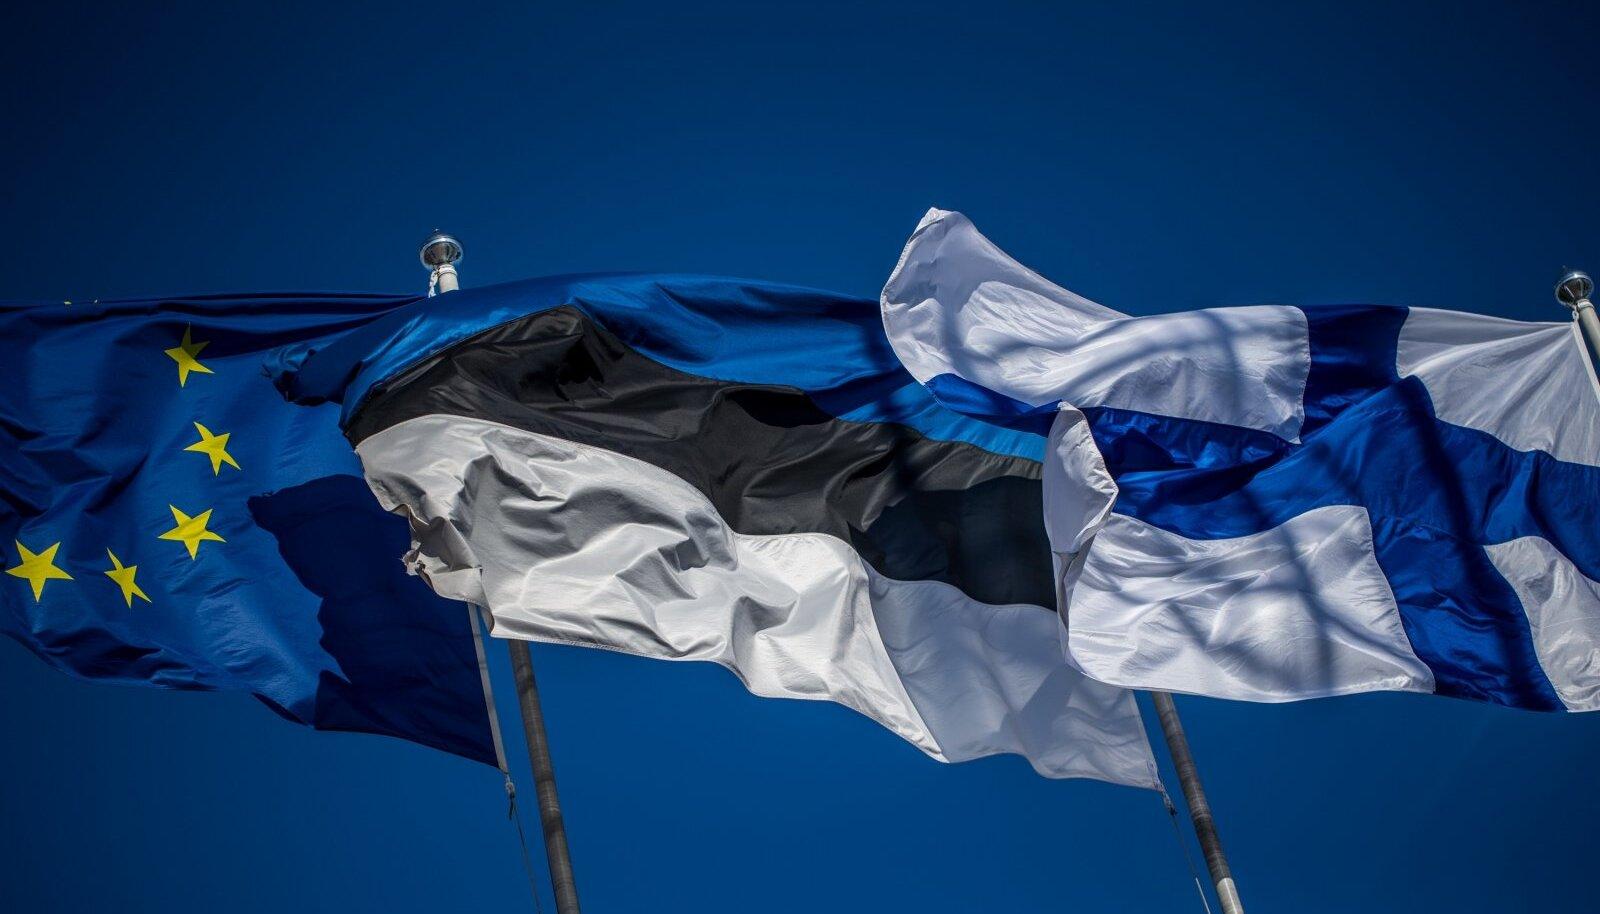 Eesti kehtestab eritingimused nii Soomele, Lätile kui ka Leedule. Nakatumiskordaja on vastastikuselt üle piiride Eesti ja Leedu puhul.